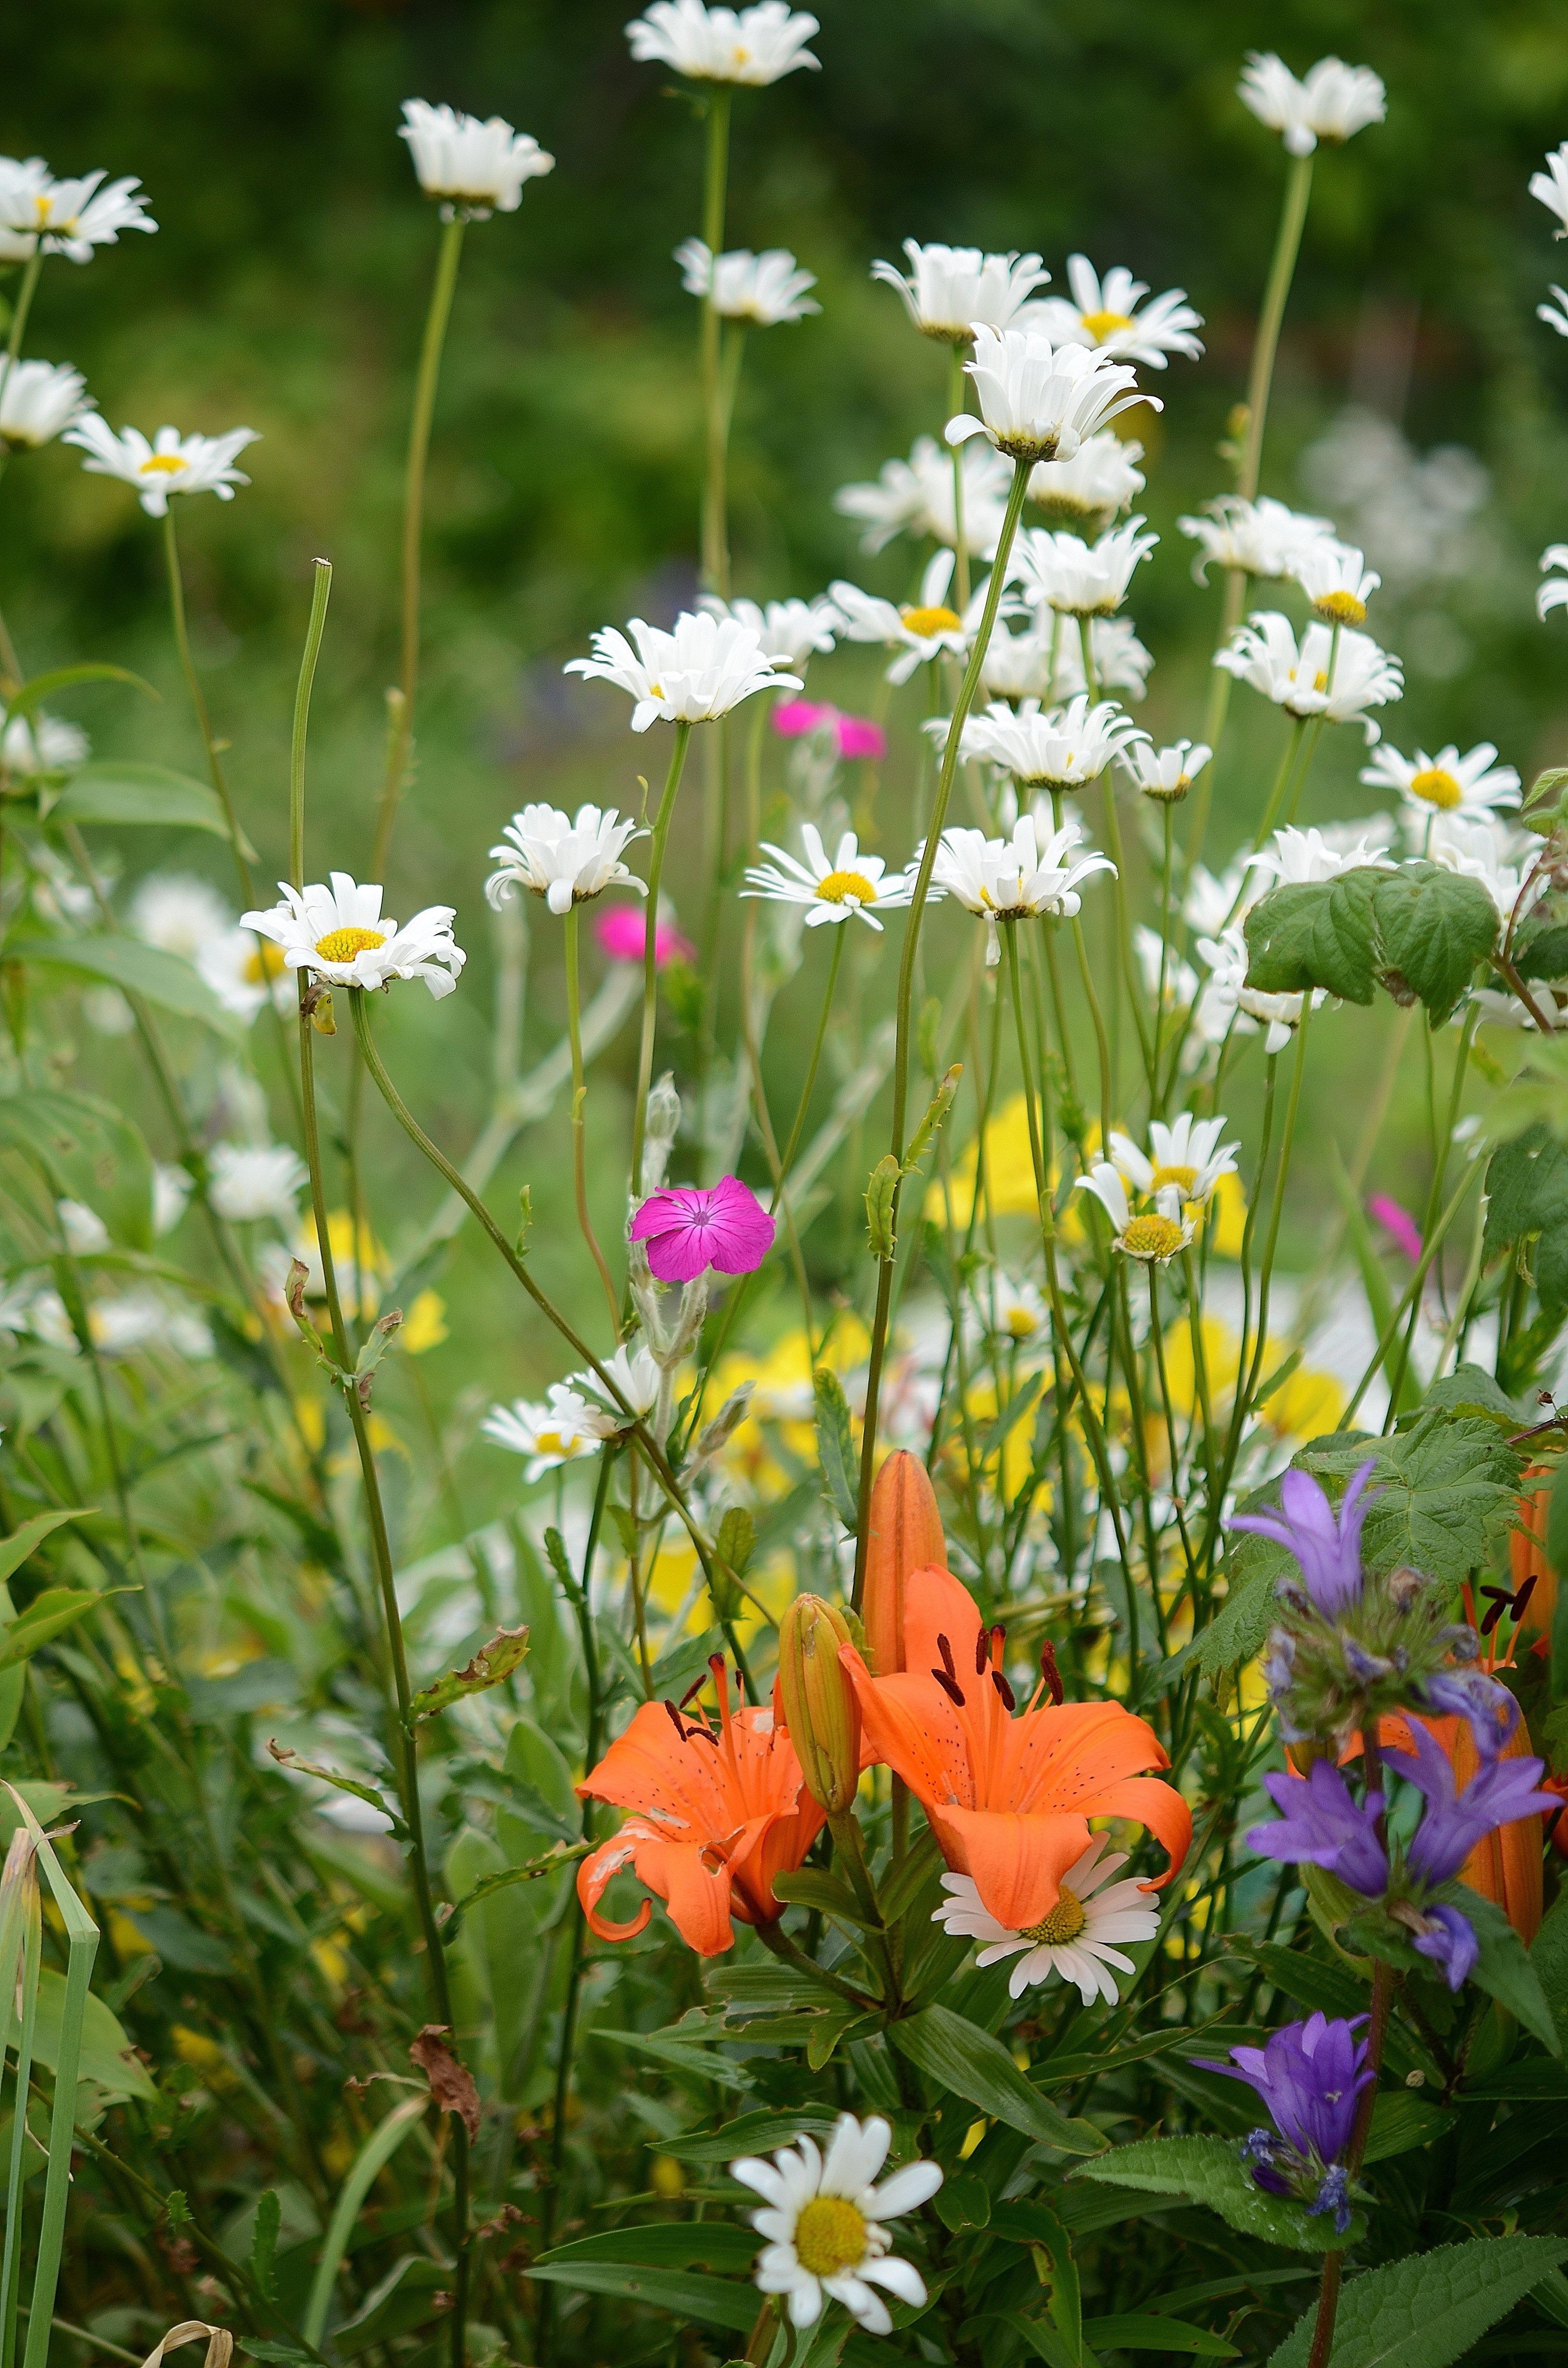 Kostenlose foto : Natur, Weiß, Feld, Wiese, Prärie, Blatt, Blume ...